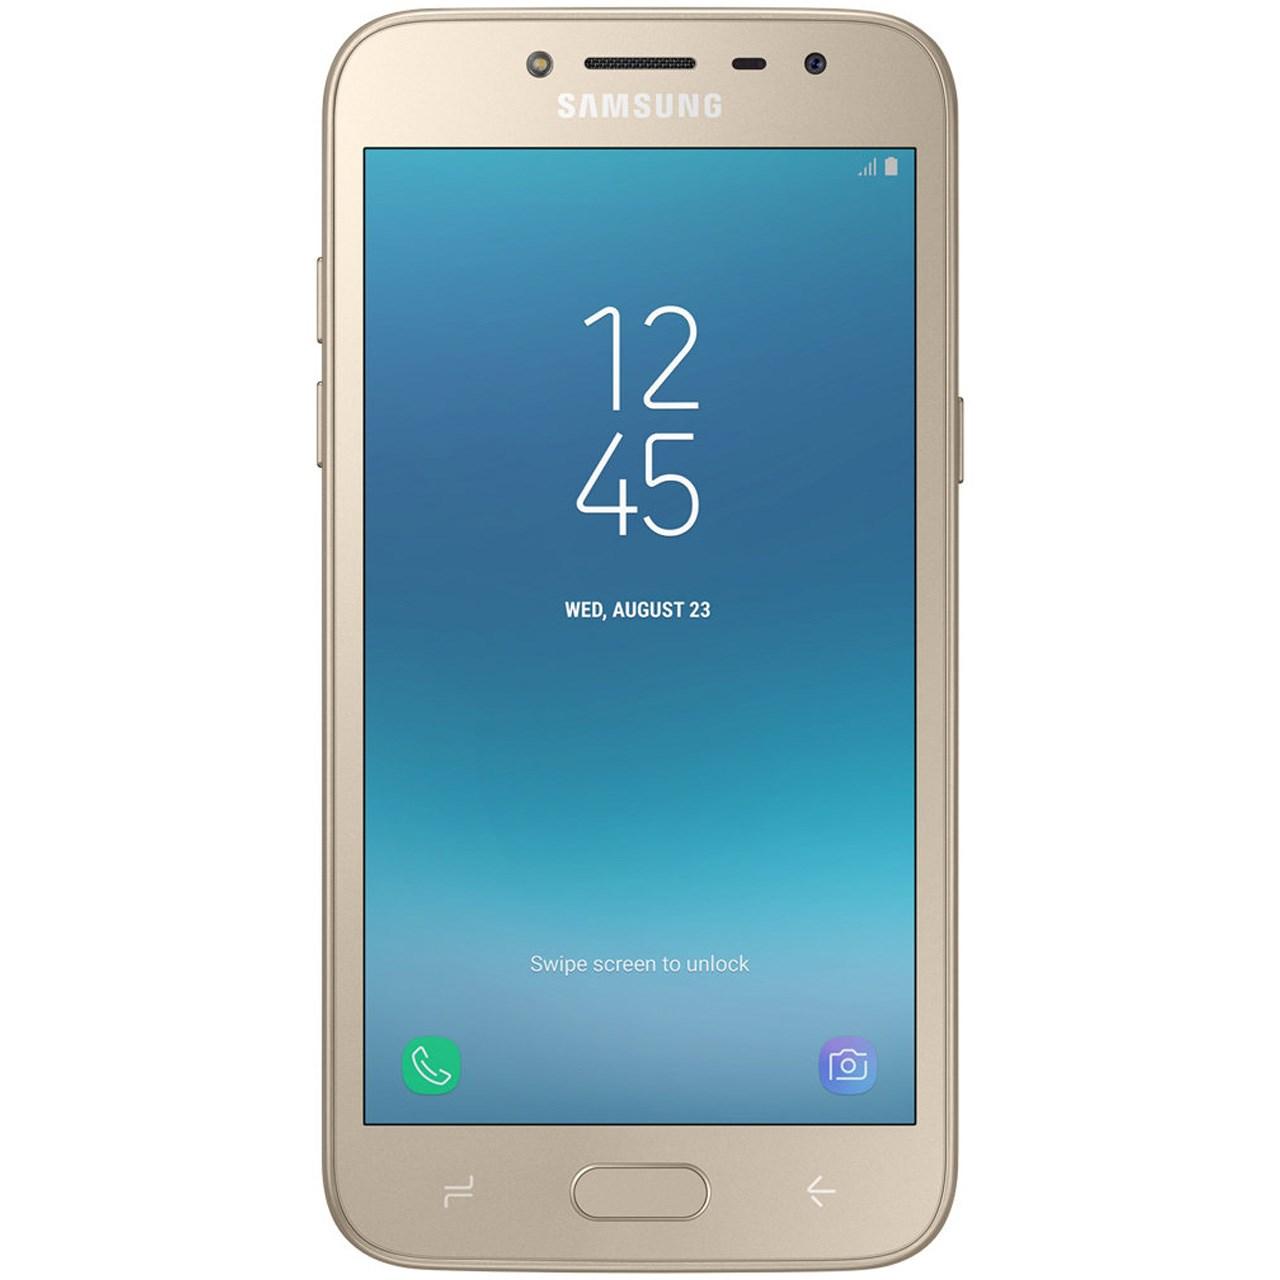 گوشی موبایل سامسونگ مدل Galaxy Grand Prime Pro SM-J250F دو سیم کارت ظرفیت 16 گیگابایت